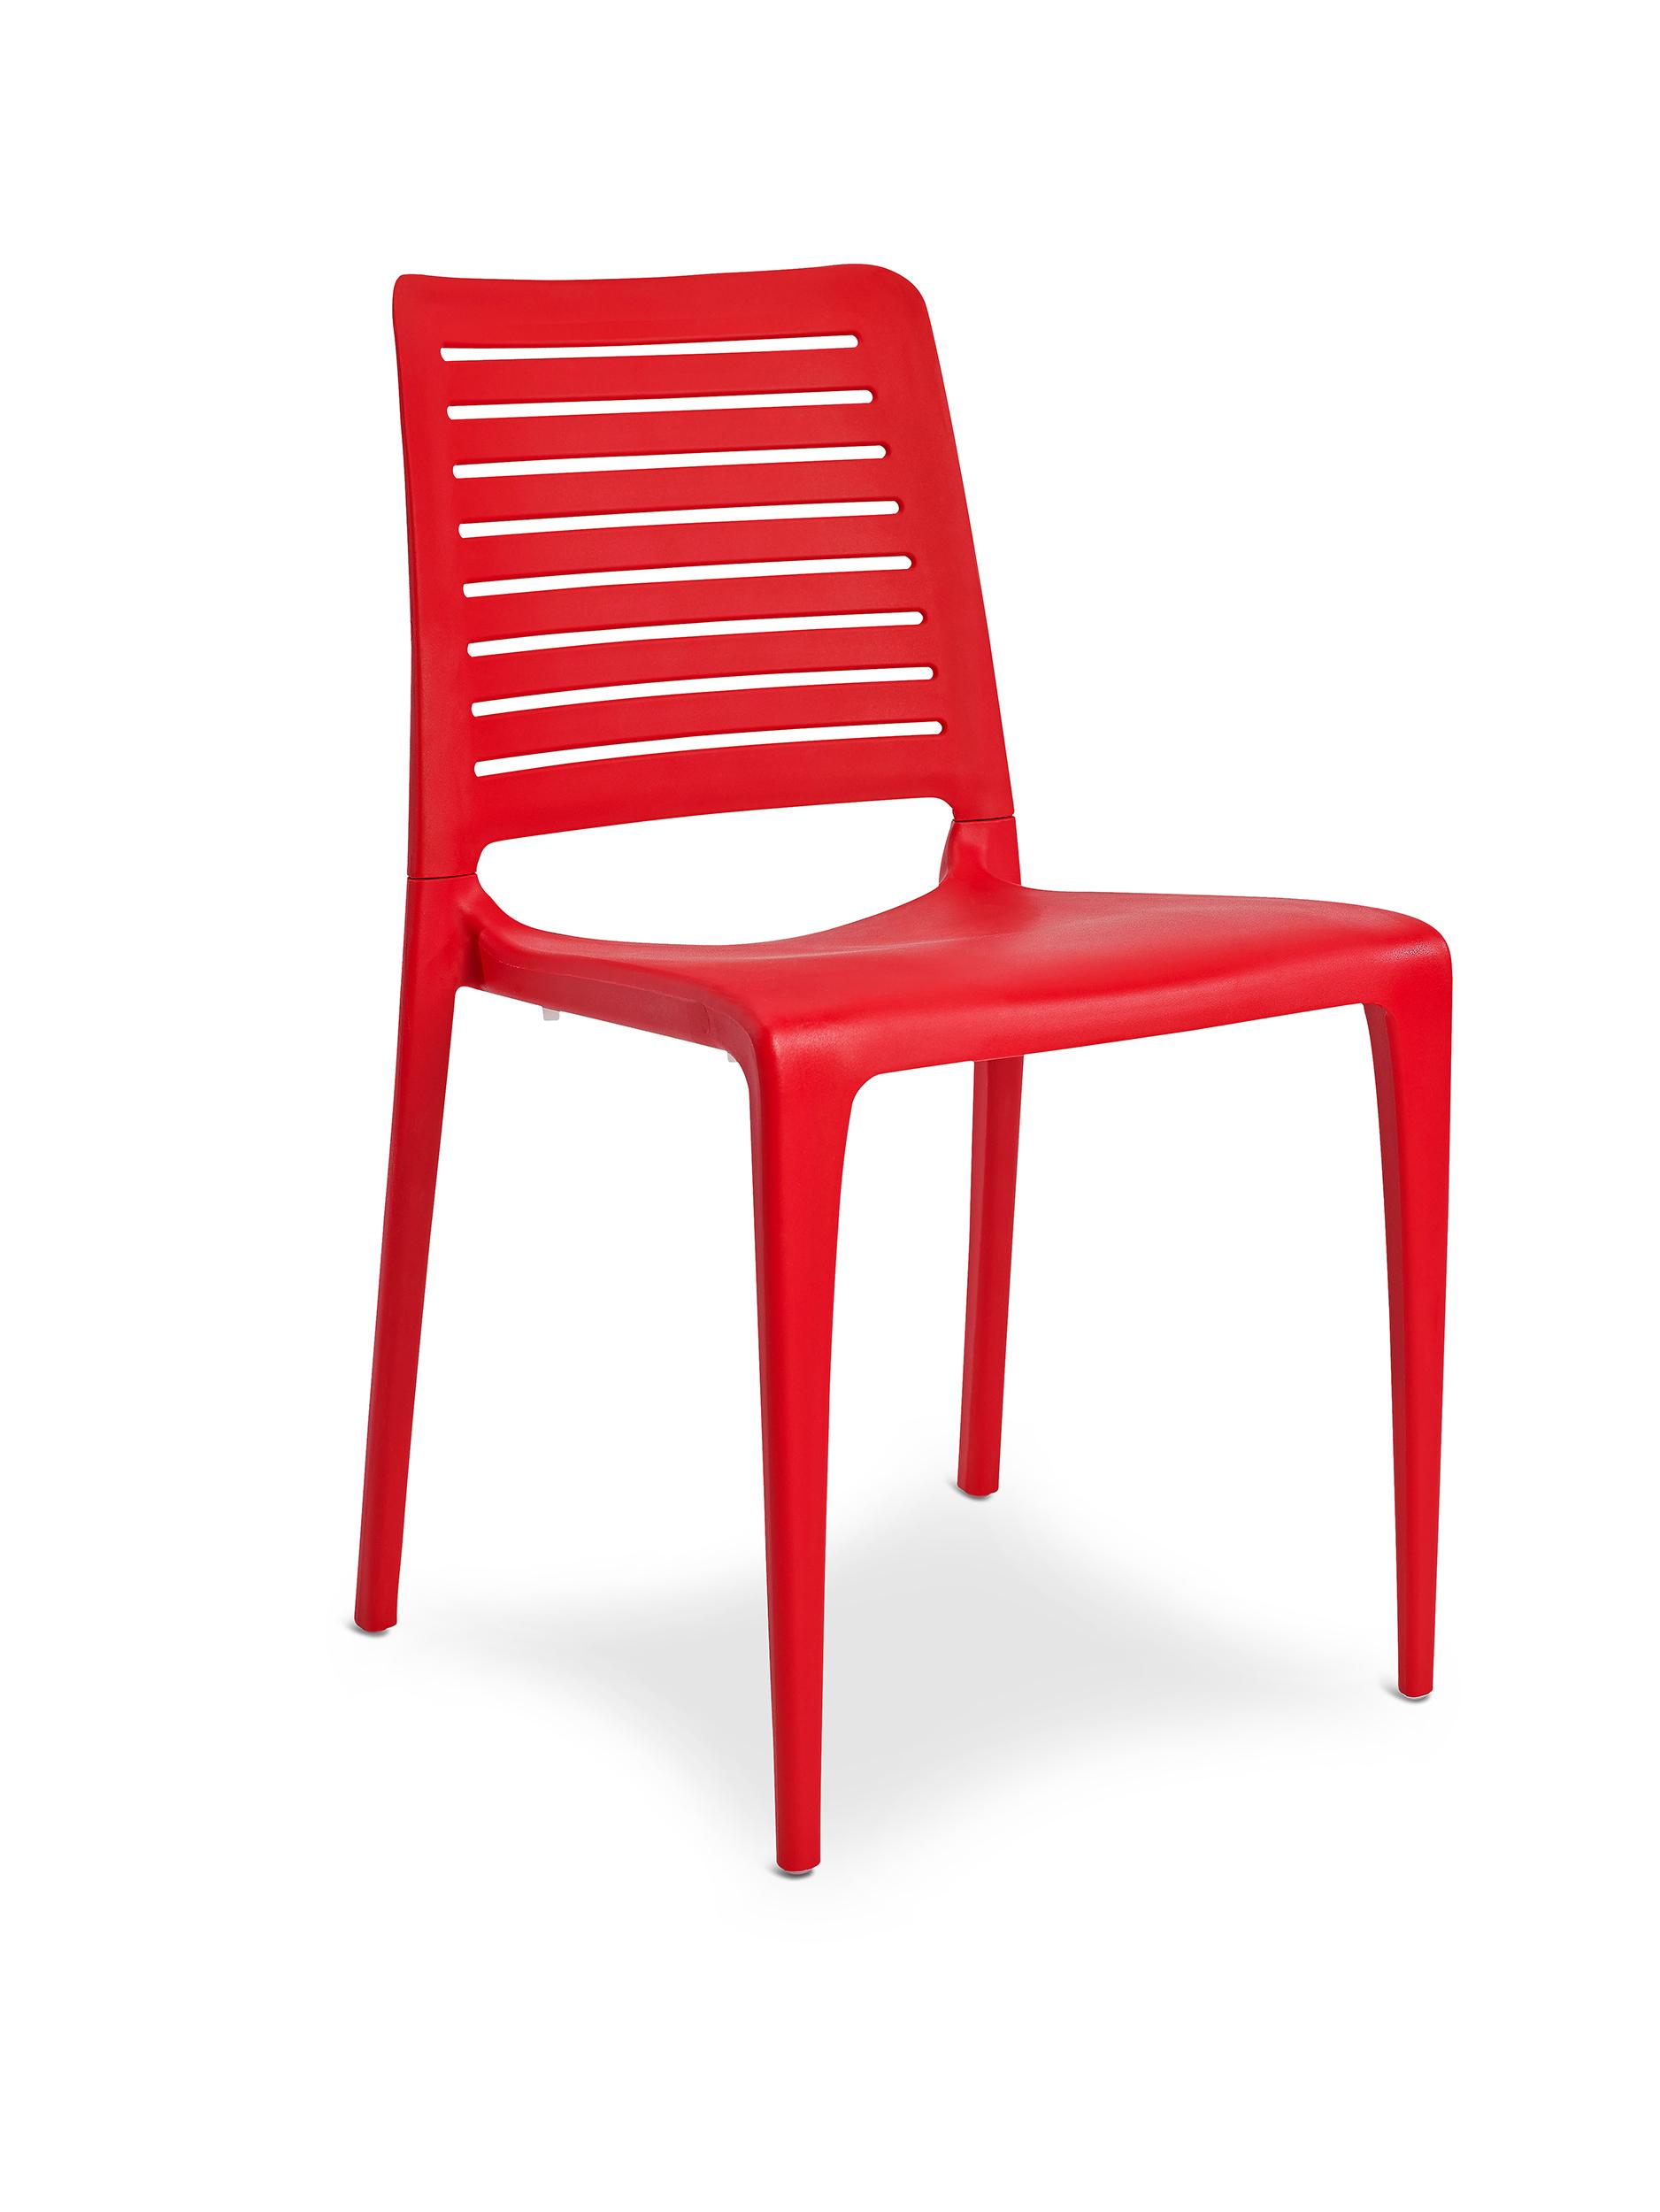 Chaise de jardin en polypropylène renforcé rouge